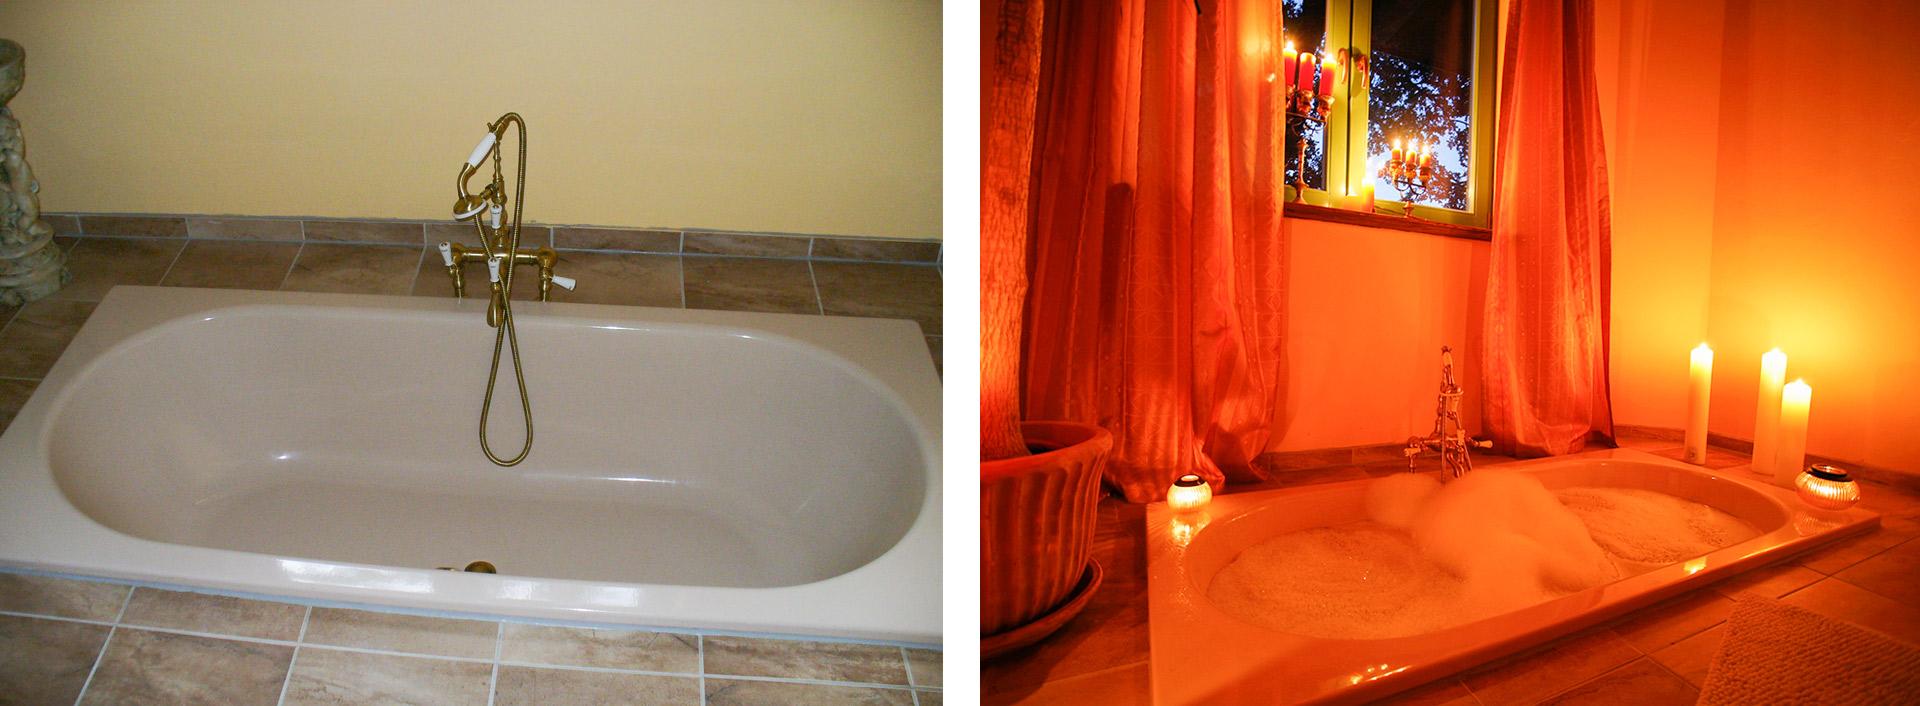 Vorher-Nachher-Badezimmer-Mai